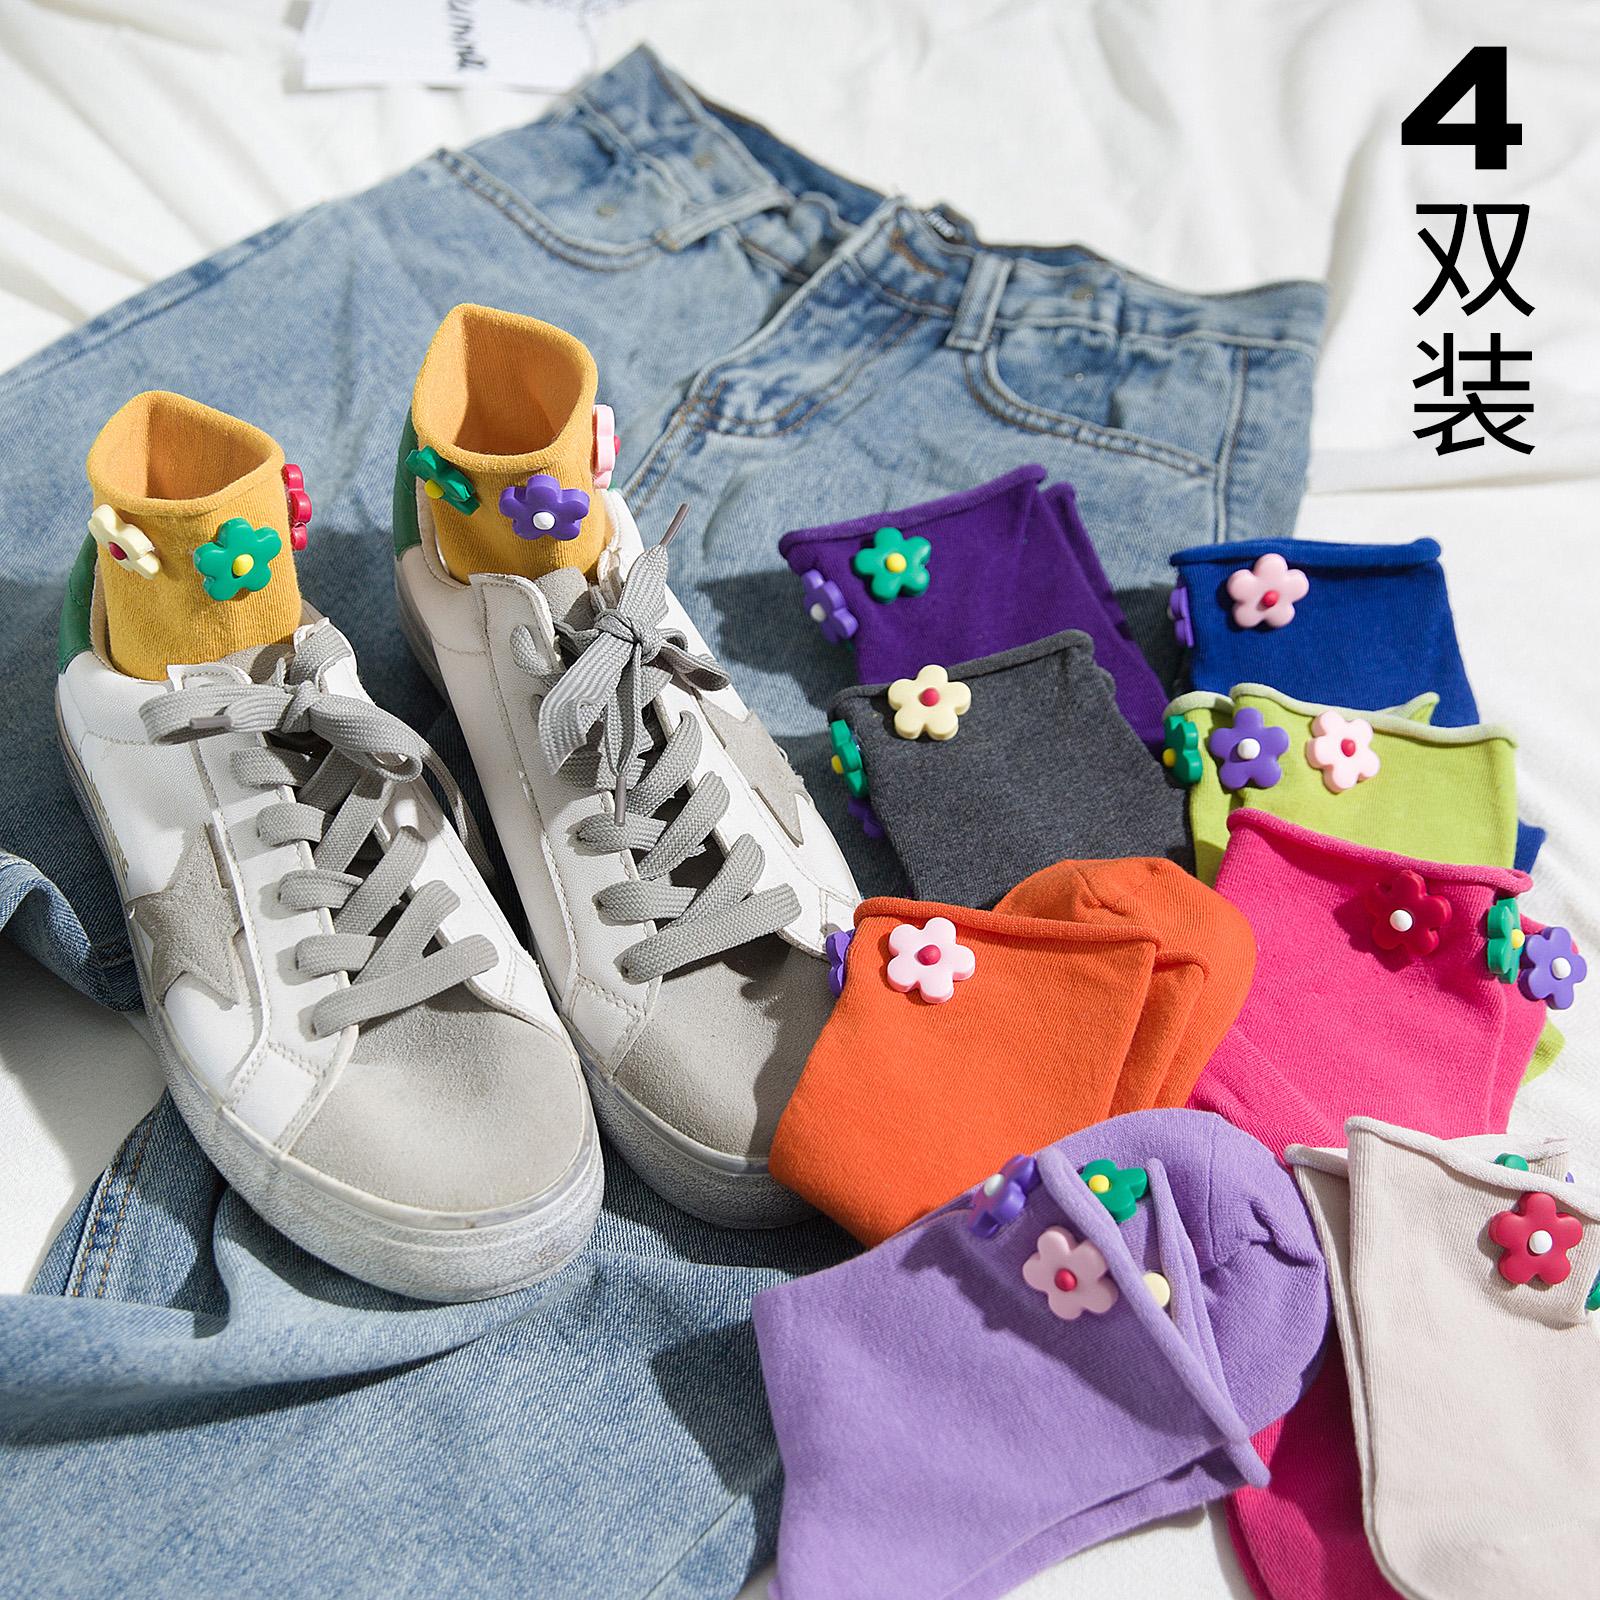 花朵小花袜子泫雅风同款女中筒袜韩国网红短款ins潮彩色泫雅彩虹